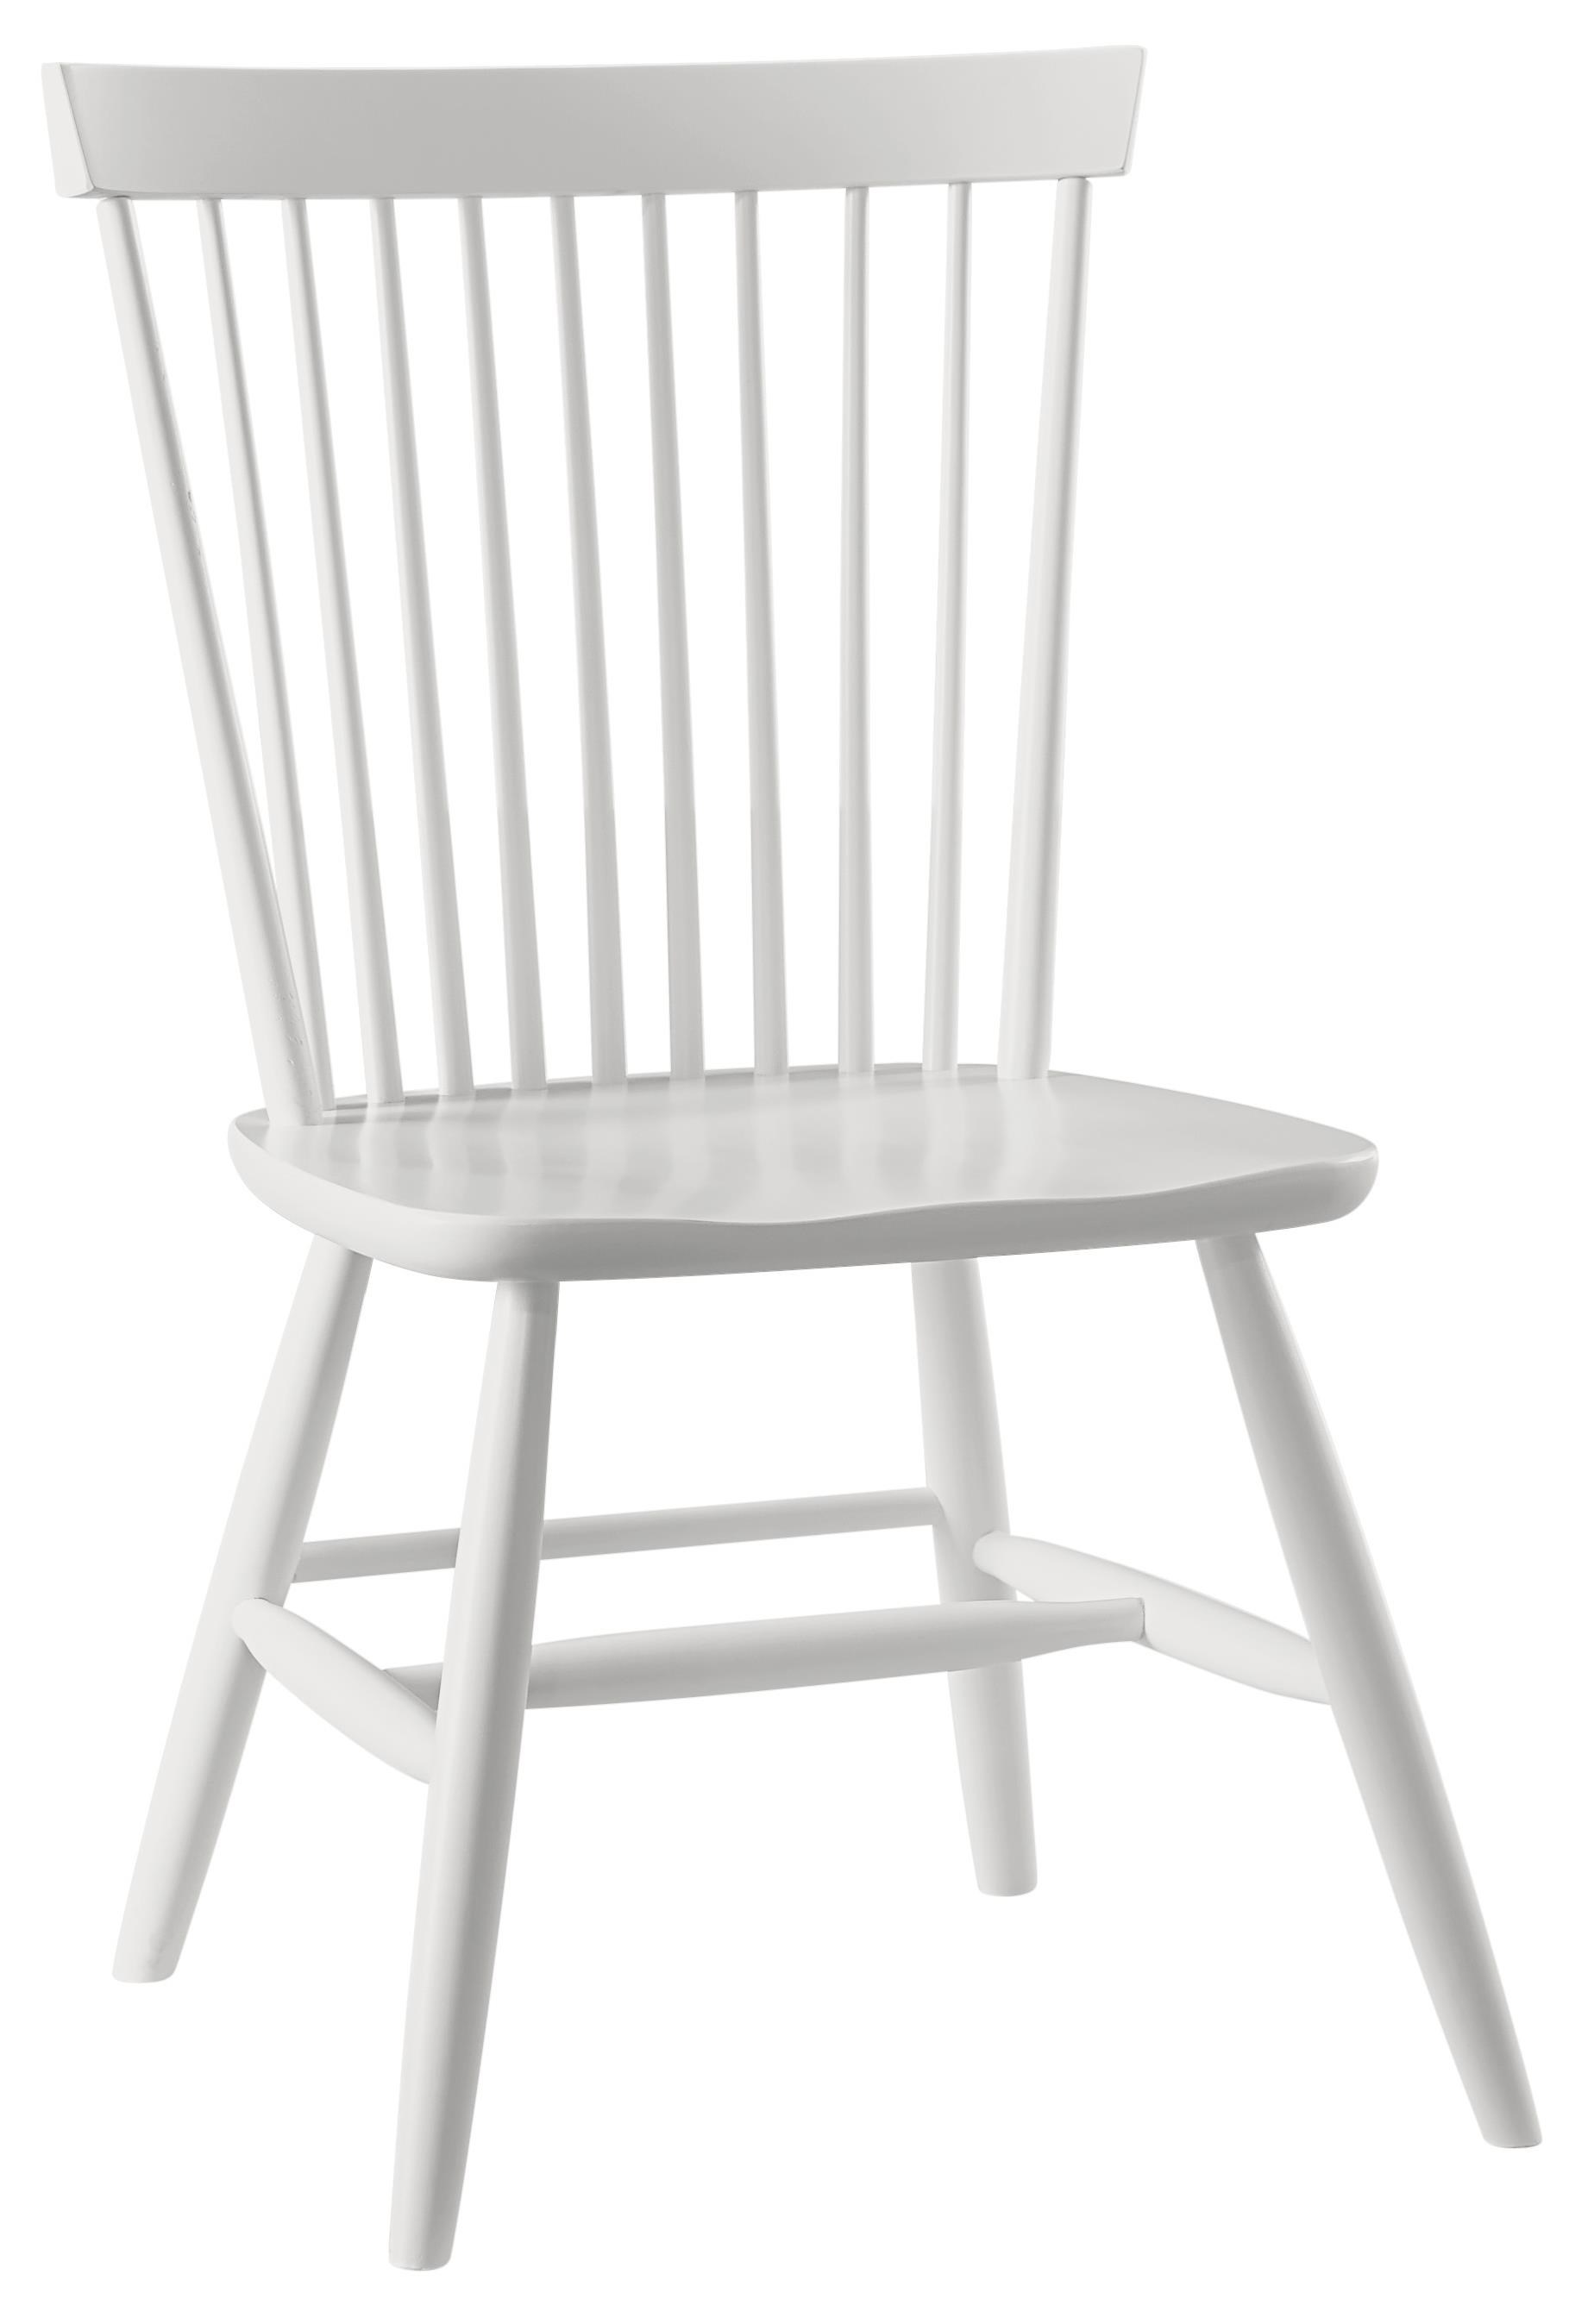 Vaughan Bassett French MarketDesk Chair ...